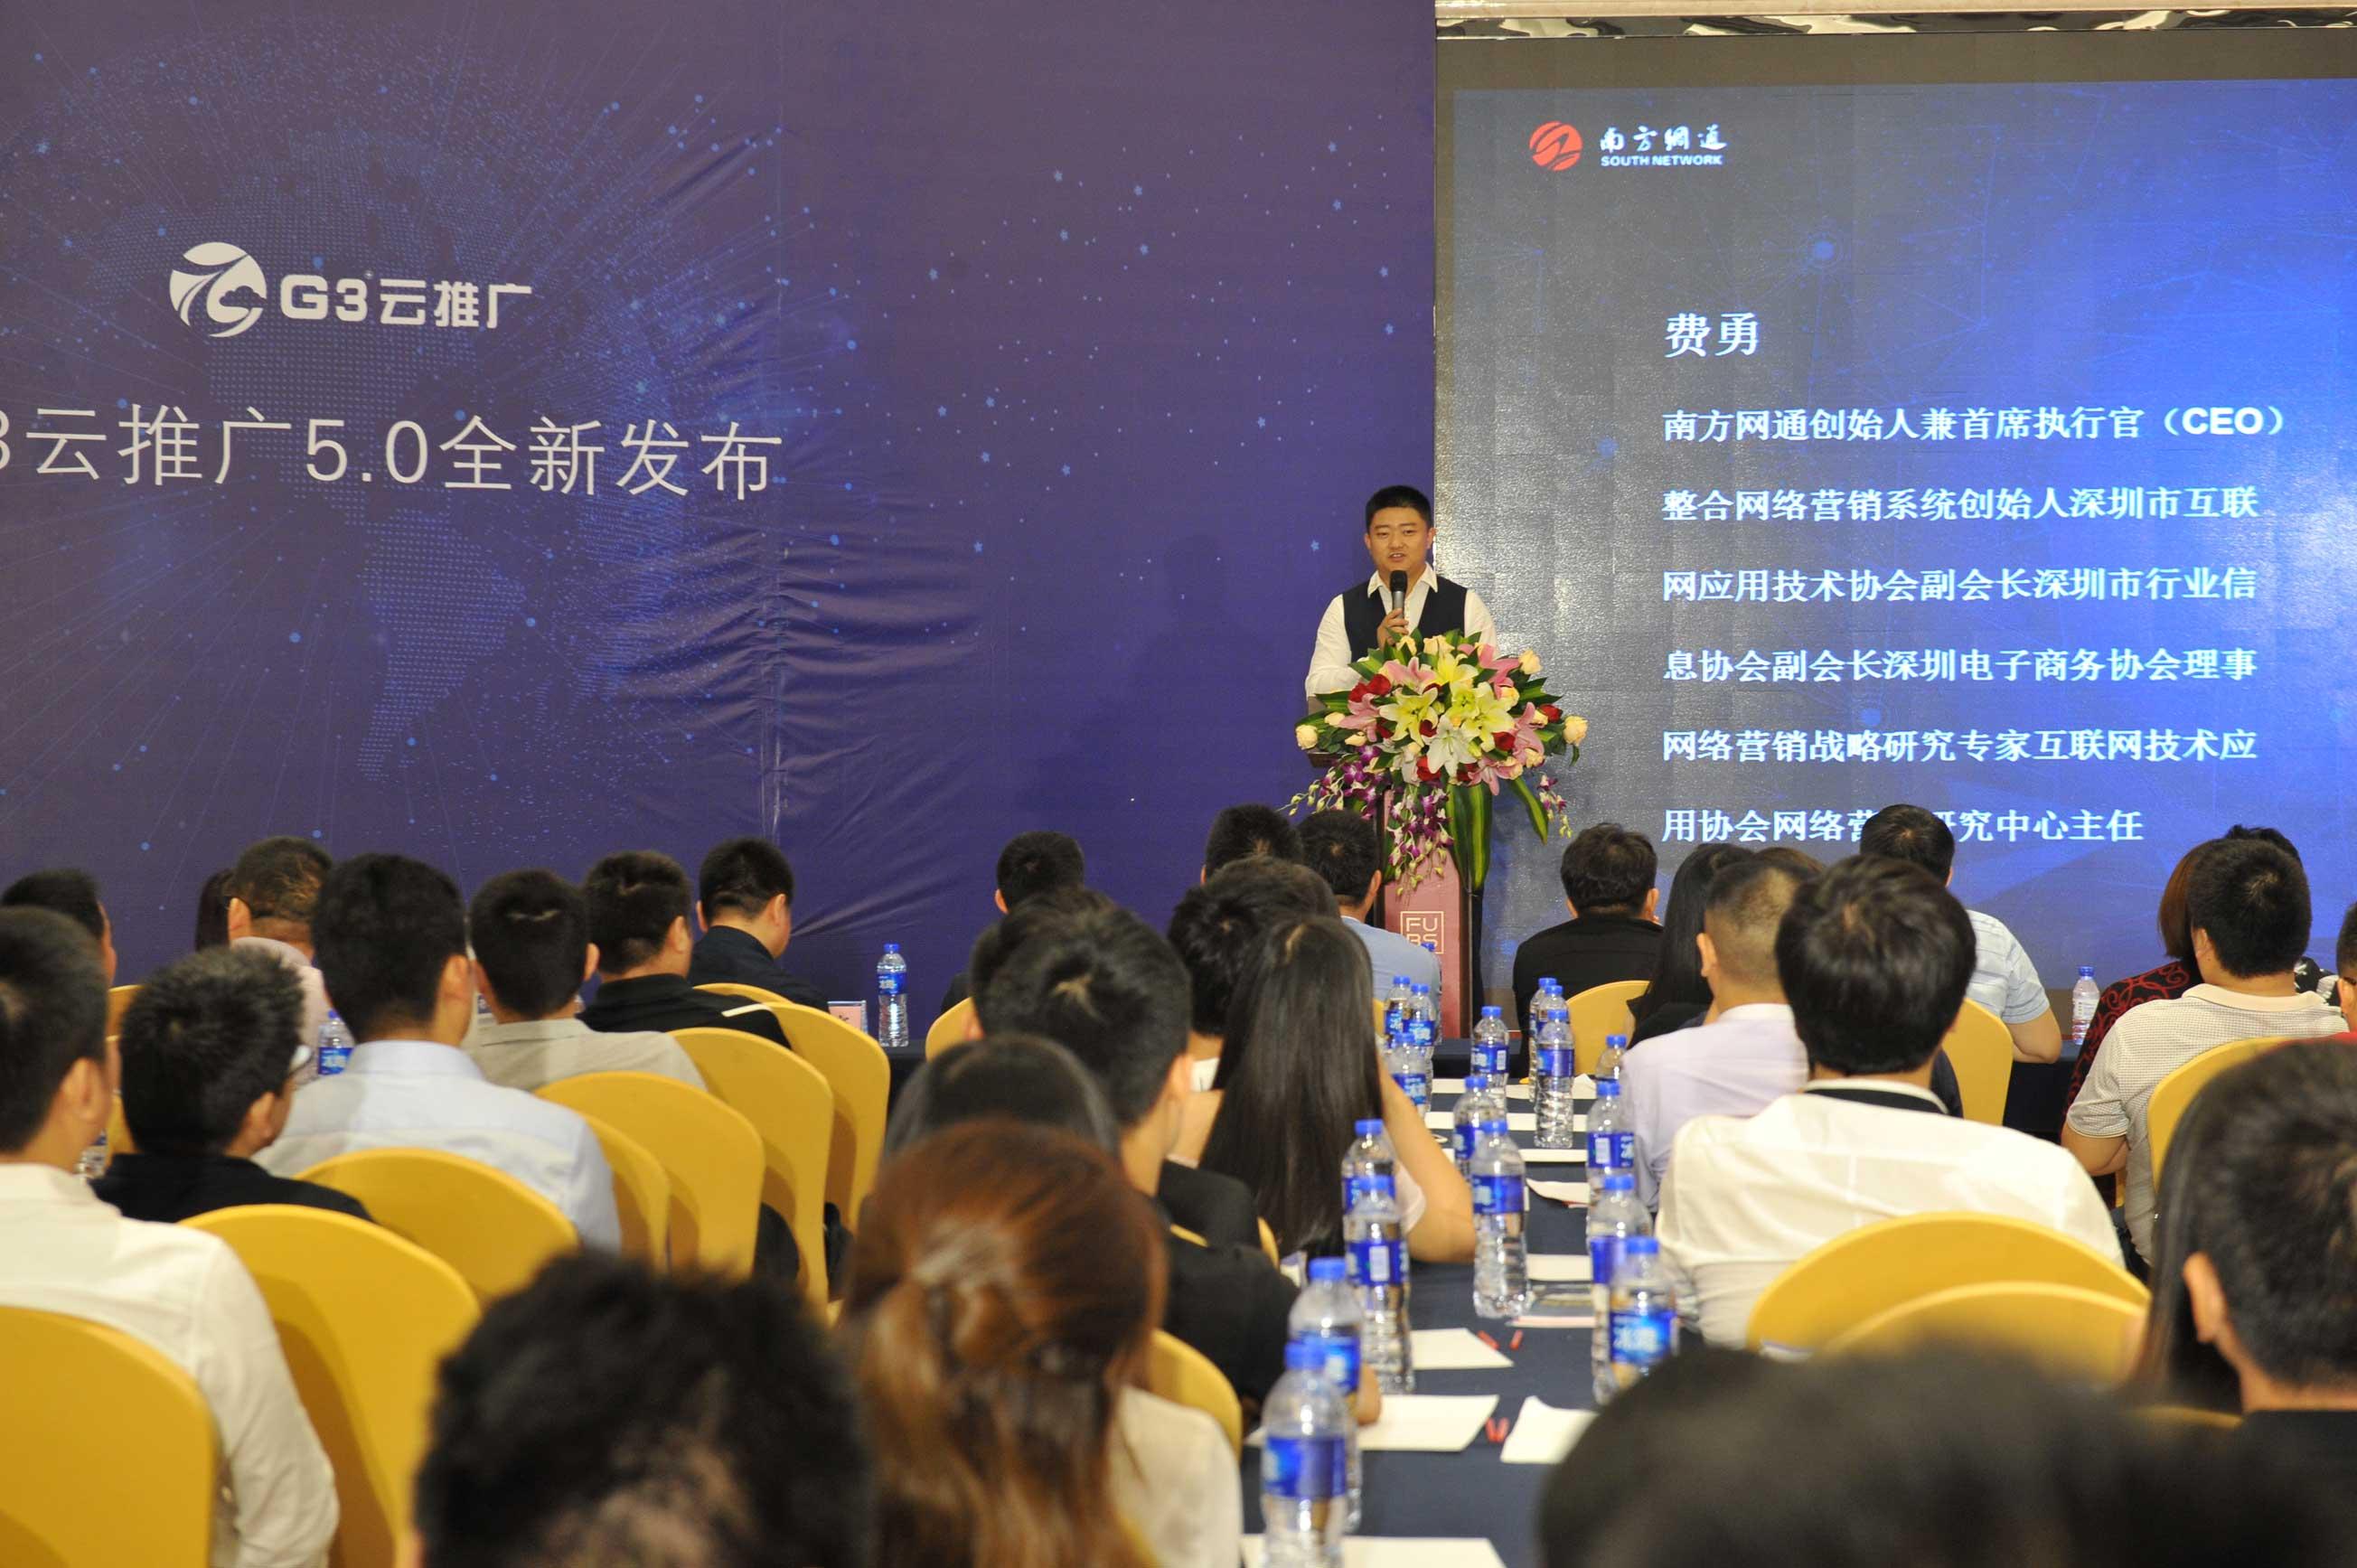 南方网通召开G3云推广5.0产品发布会 探讨AI人工智